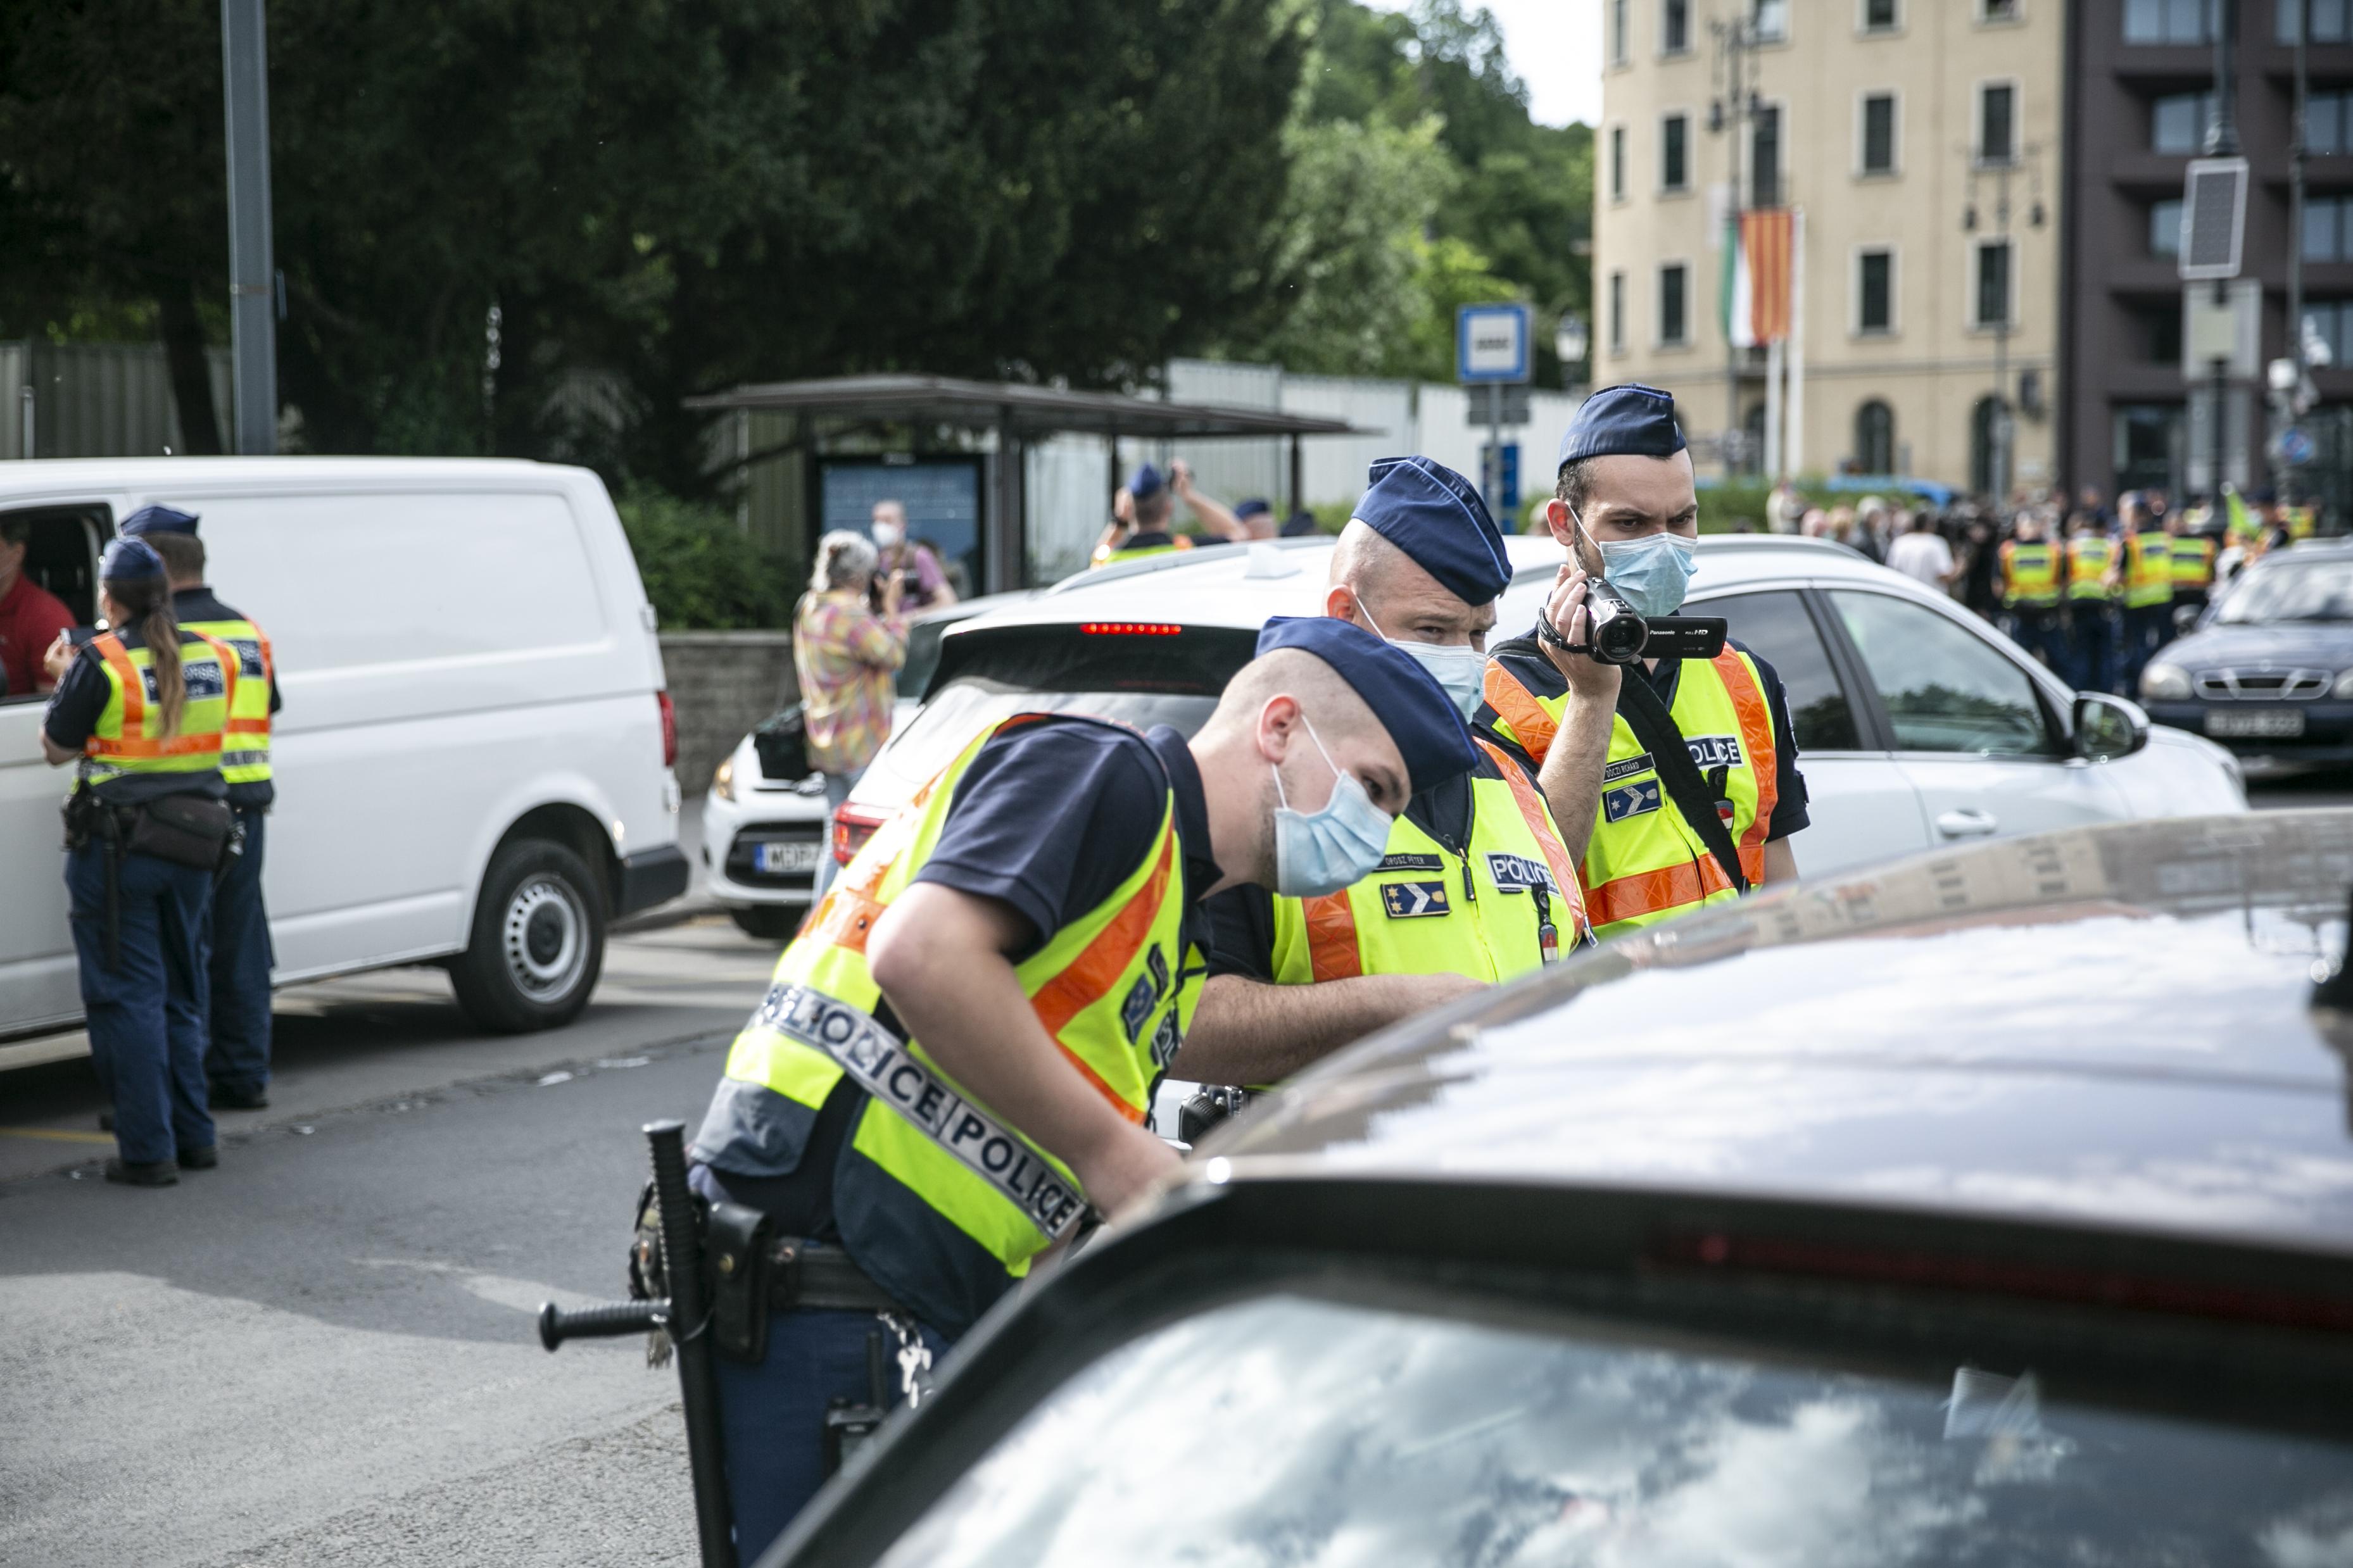 Ott volt a dudálós tüntetésen, kitartott egy uniós zászlót a kocsiból, 150 ezerre büntették